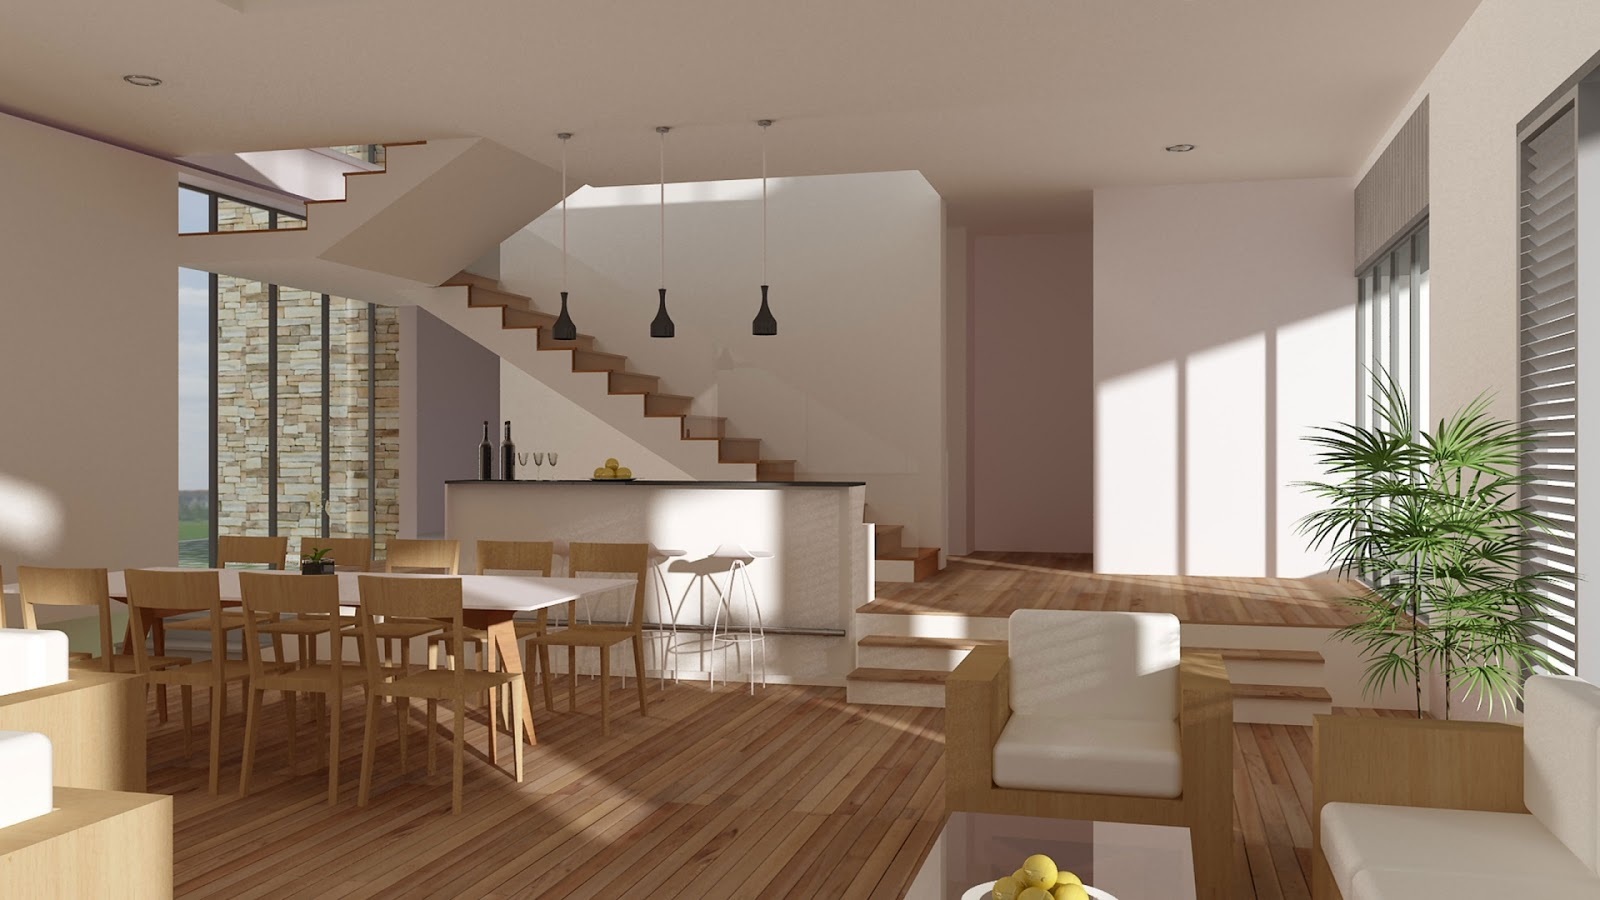 Interior Design Modern: Warm And Modern Interior Design